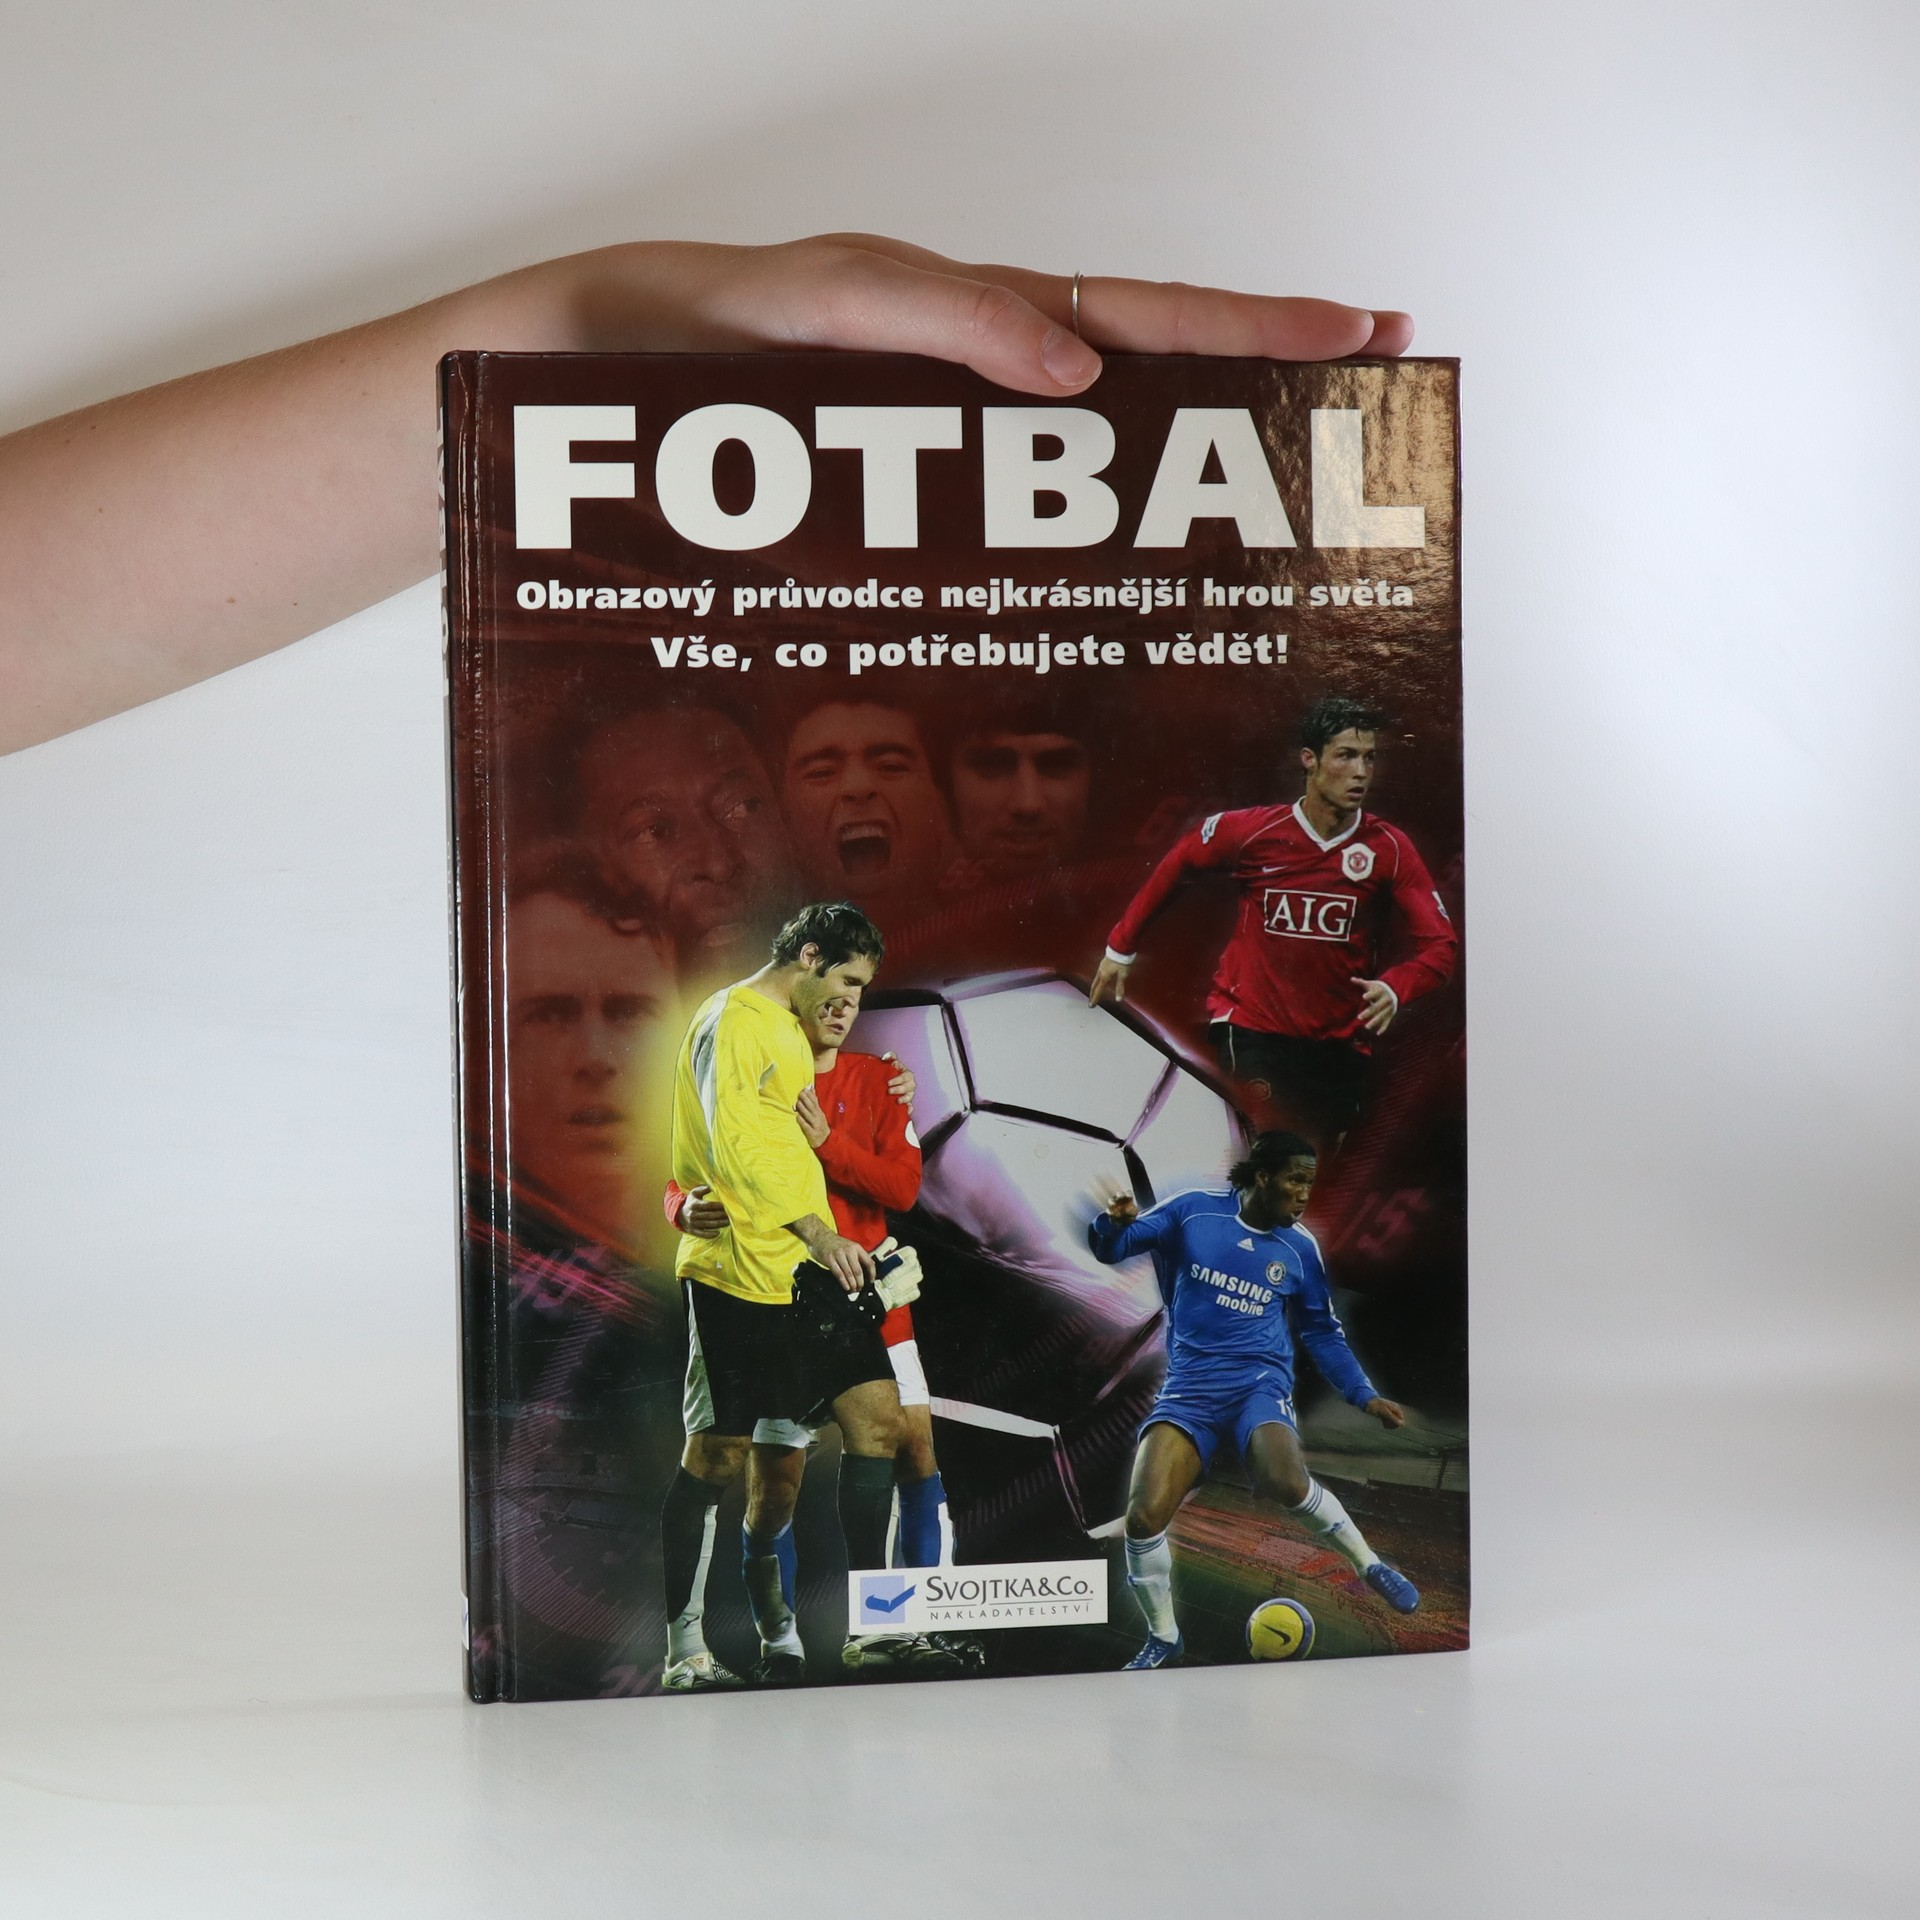 antikvární kniha Fotbal. Obrazový průvodce nejkrásnější hrou, 2002